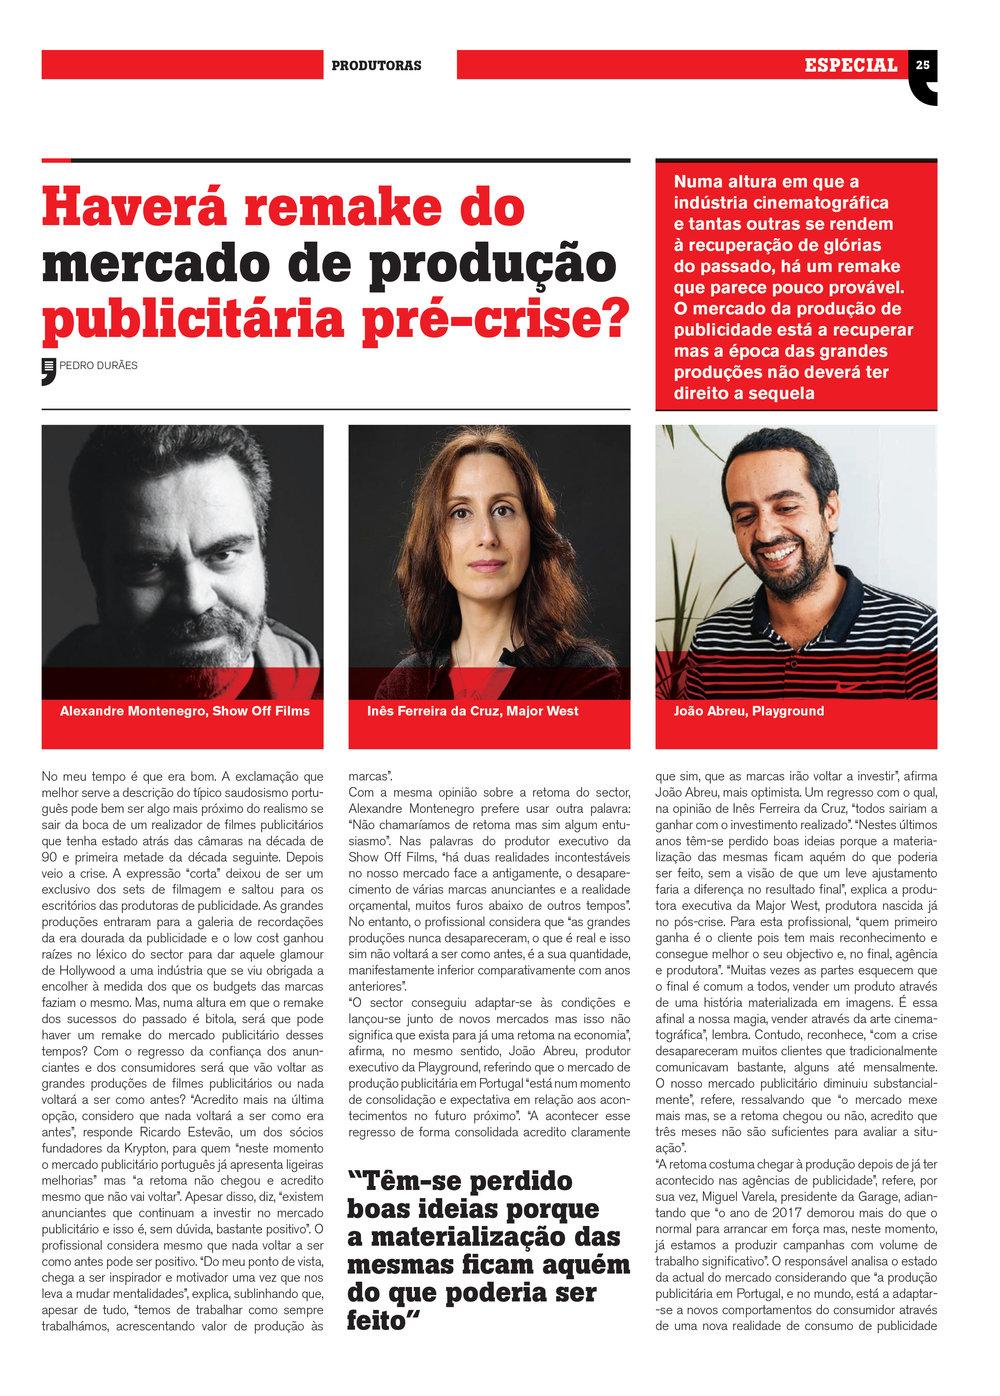 MEIOS E PUBLICIDADE 2017 ESPECIAL PRODUTORAS E REALIZADORES (dragged) 2.jpg